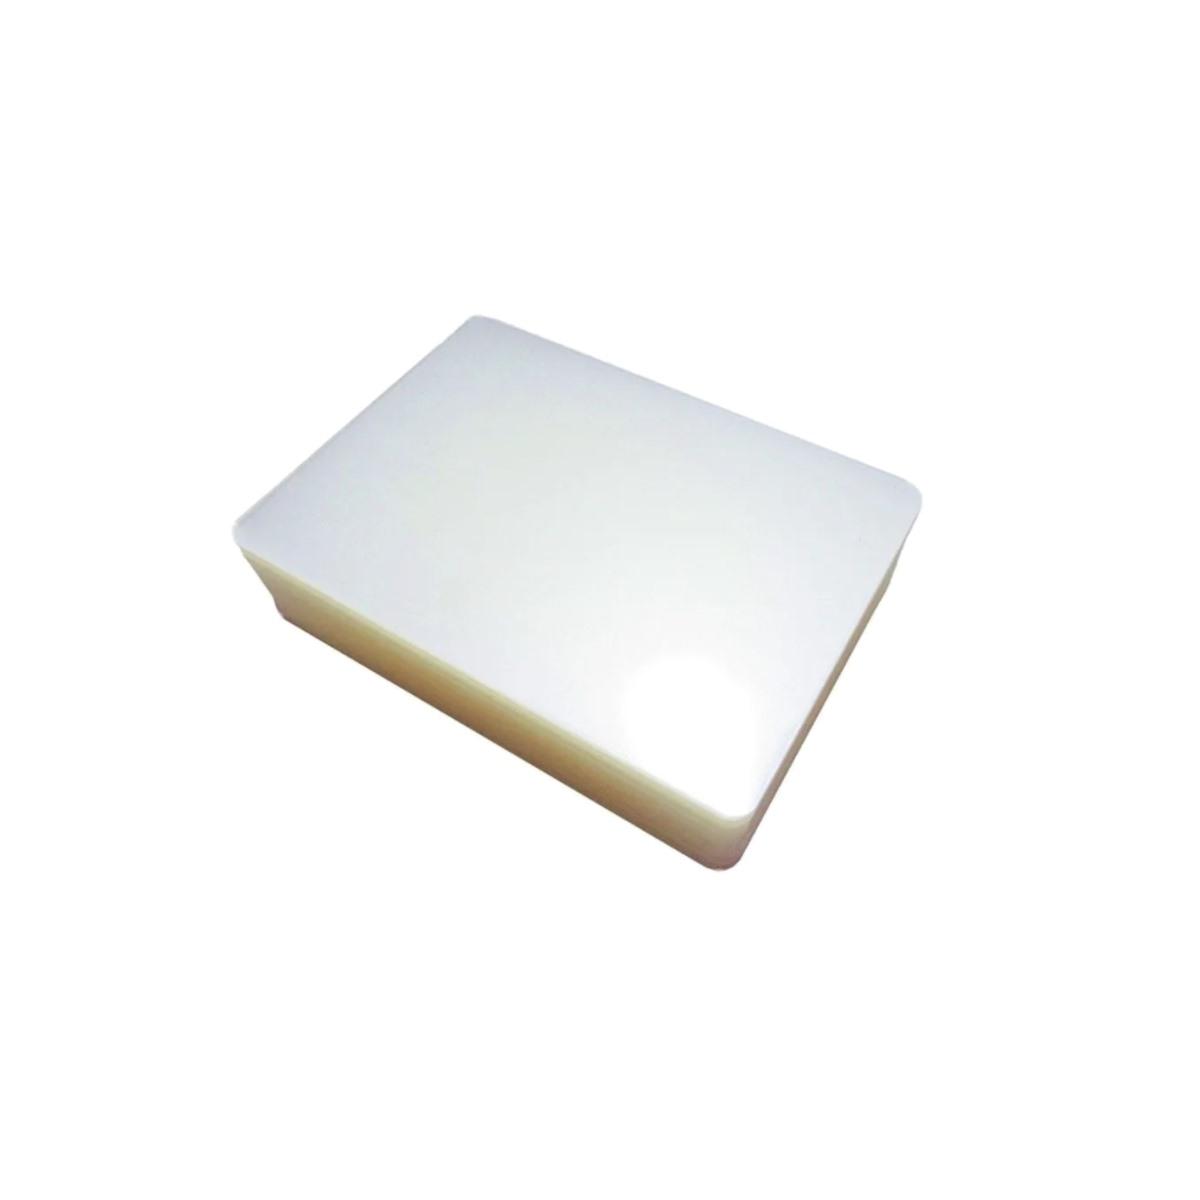 Polaseal plástico para plastificação 1/2 Ofício 170x226 0,05mm 100un